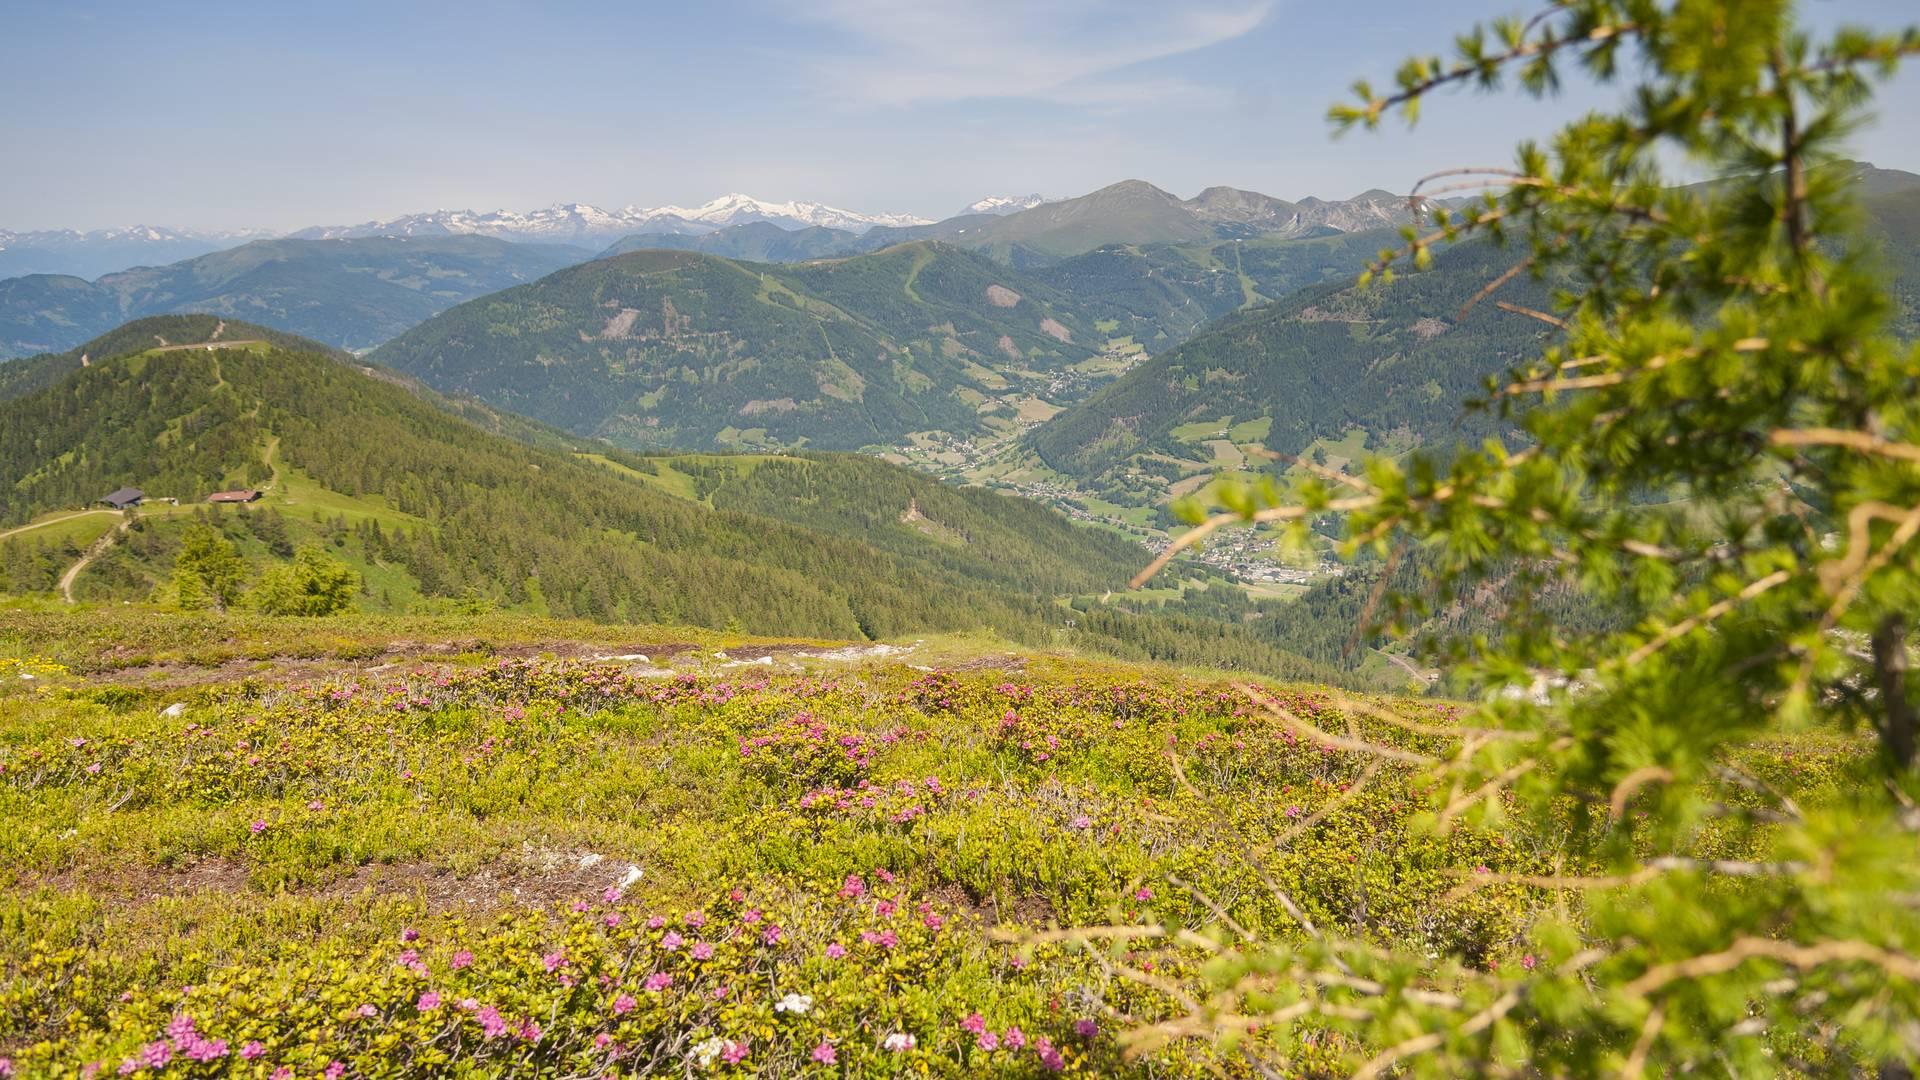 Wöllaner Nock. Nocky Mountains werden die Nockberge im gleichnamigen Biosphärenpark aufgrund ihrer sanften Rundungen oft liebevoll genannt.